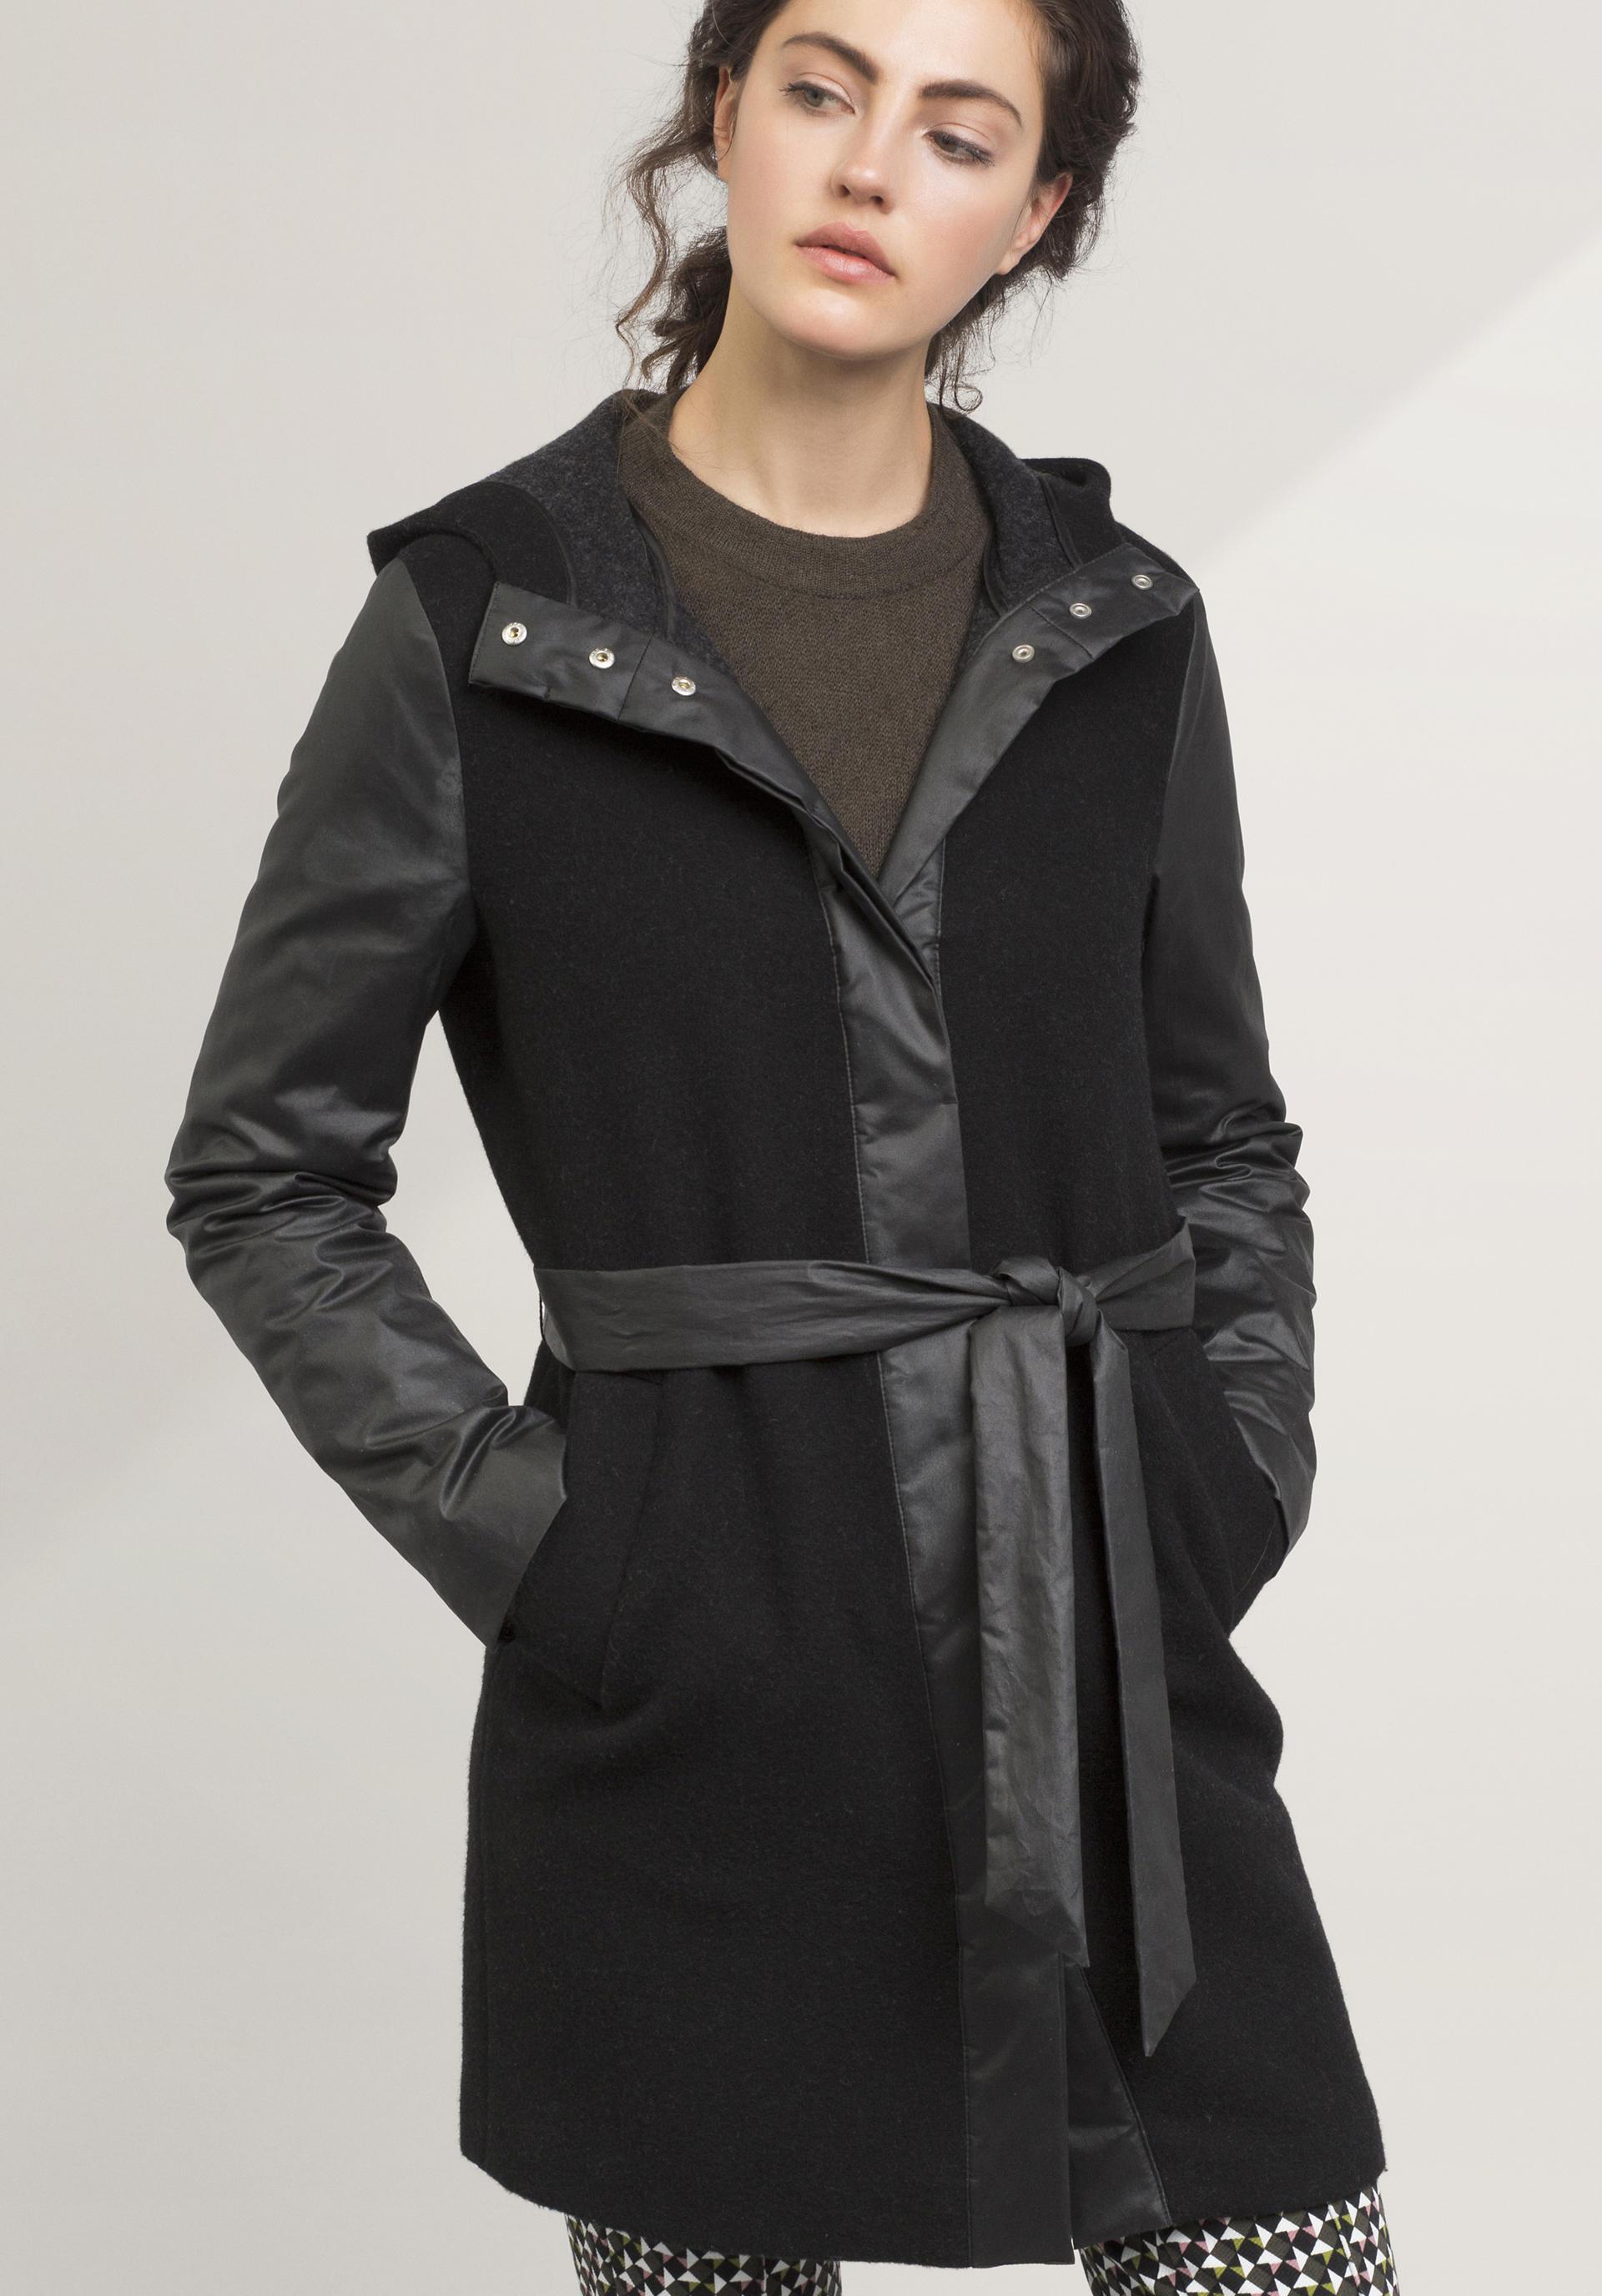 Damen mantel schurwolle